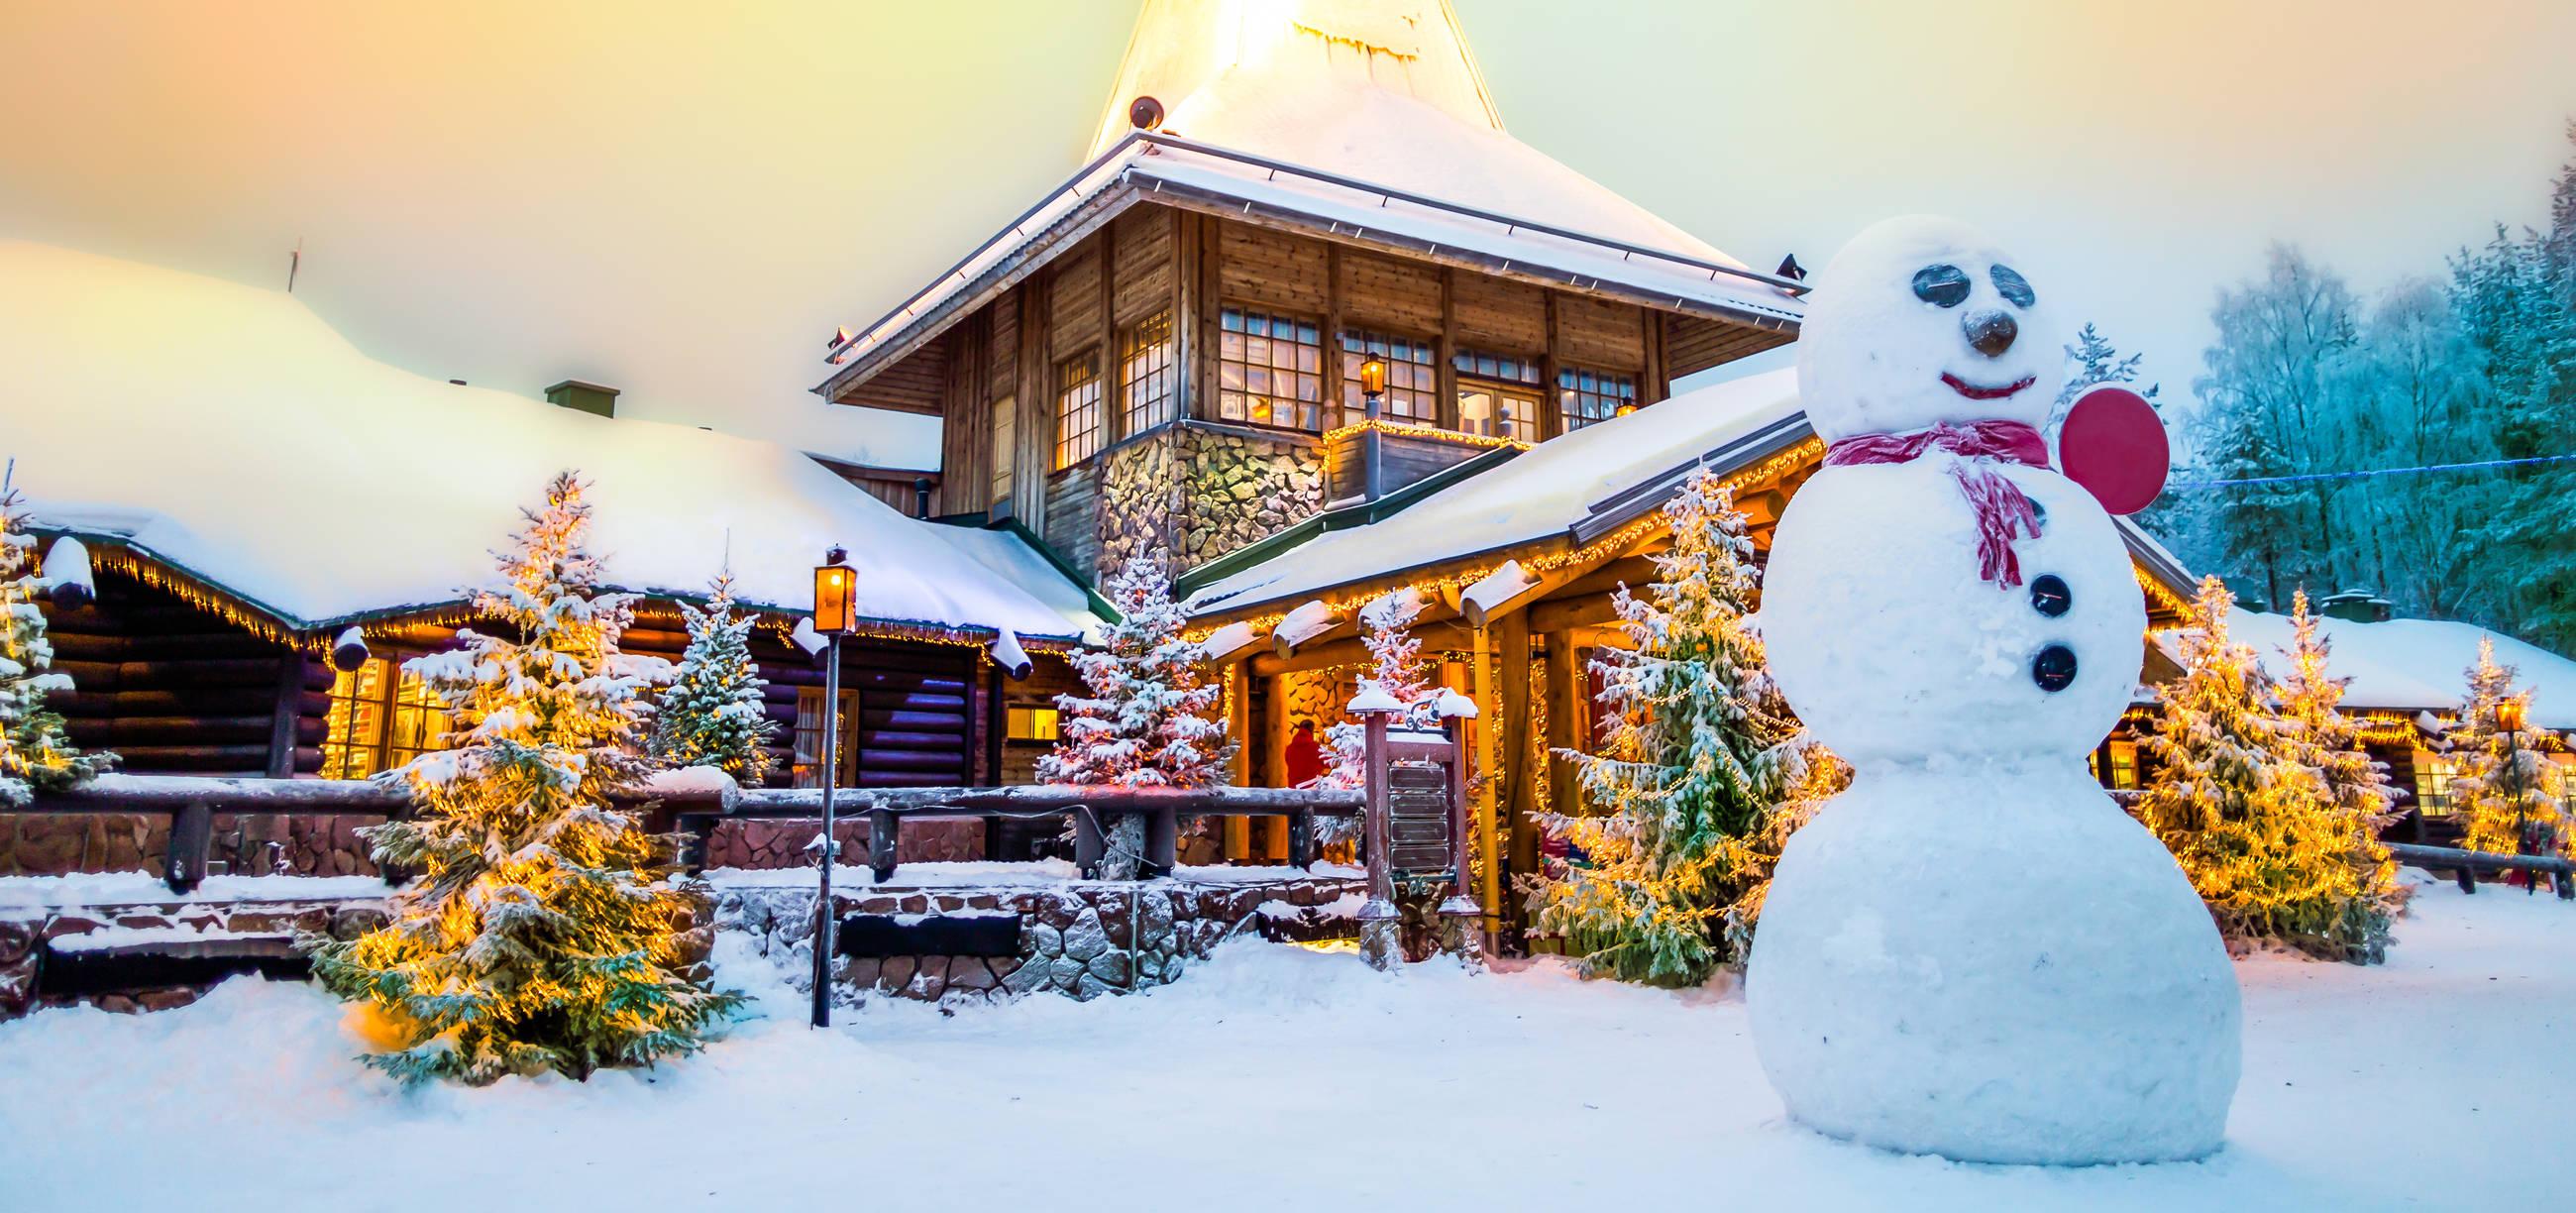 Regalos-de-Navidad-para-viajar-Una-carta-a-Santa-hero